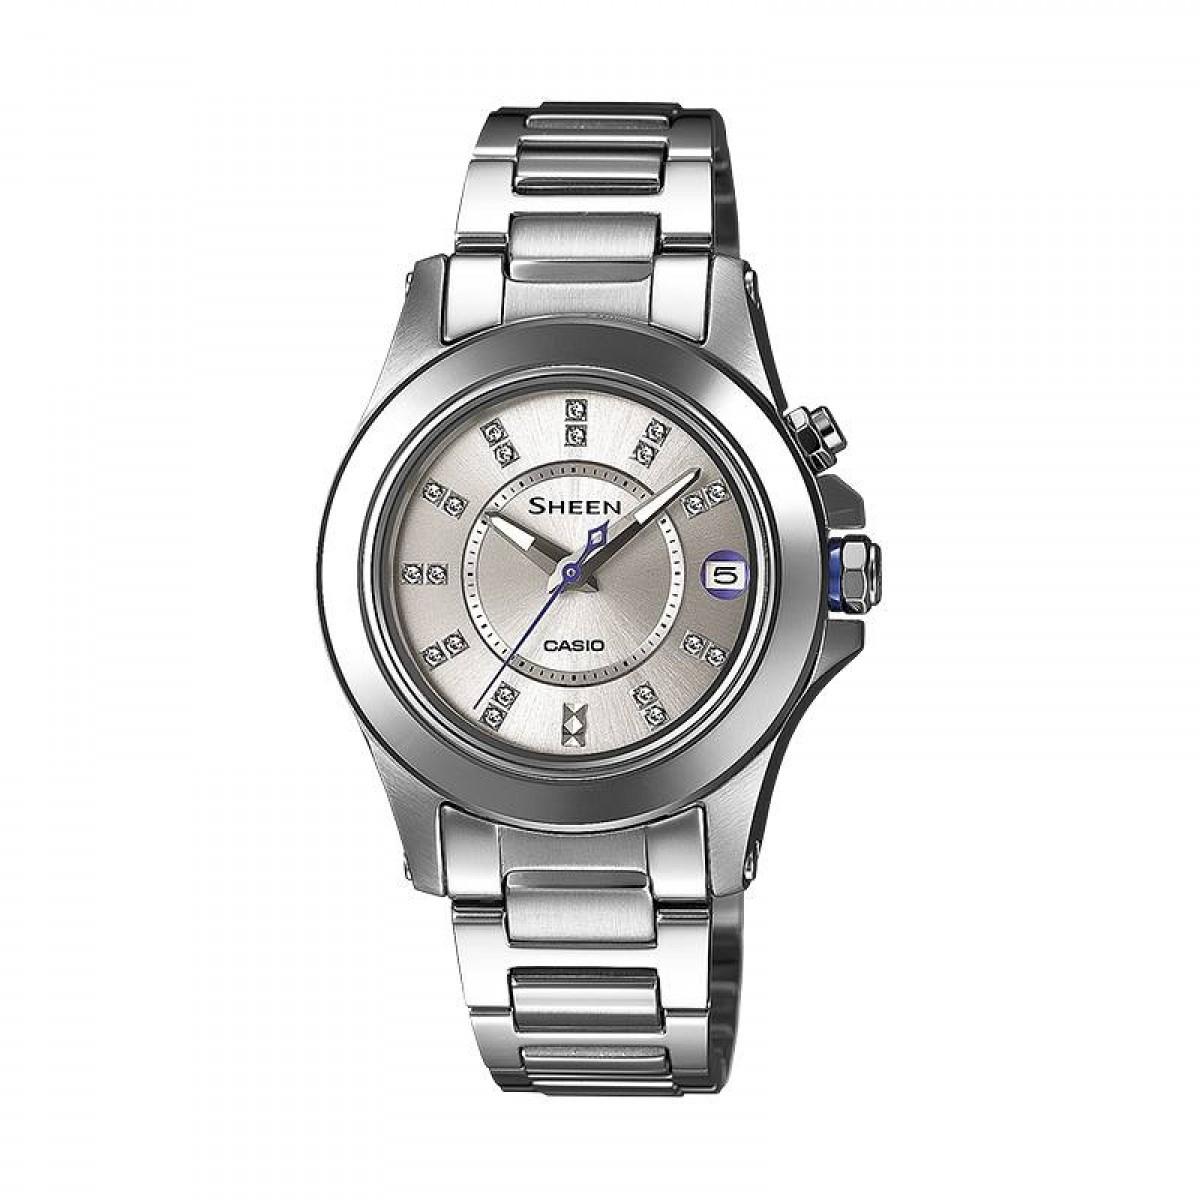 Часовник Casio SHE-4509D-7AER